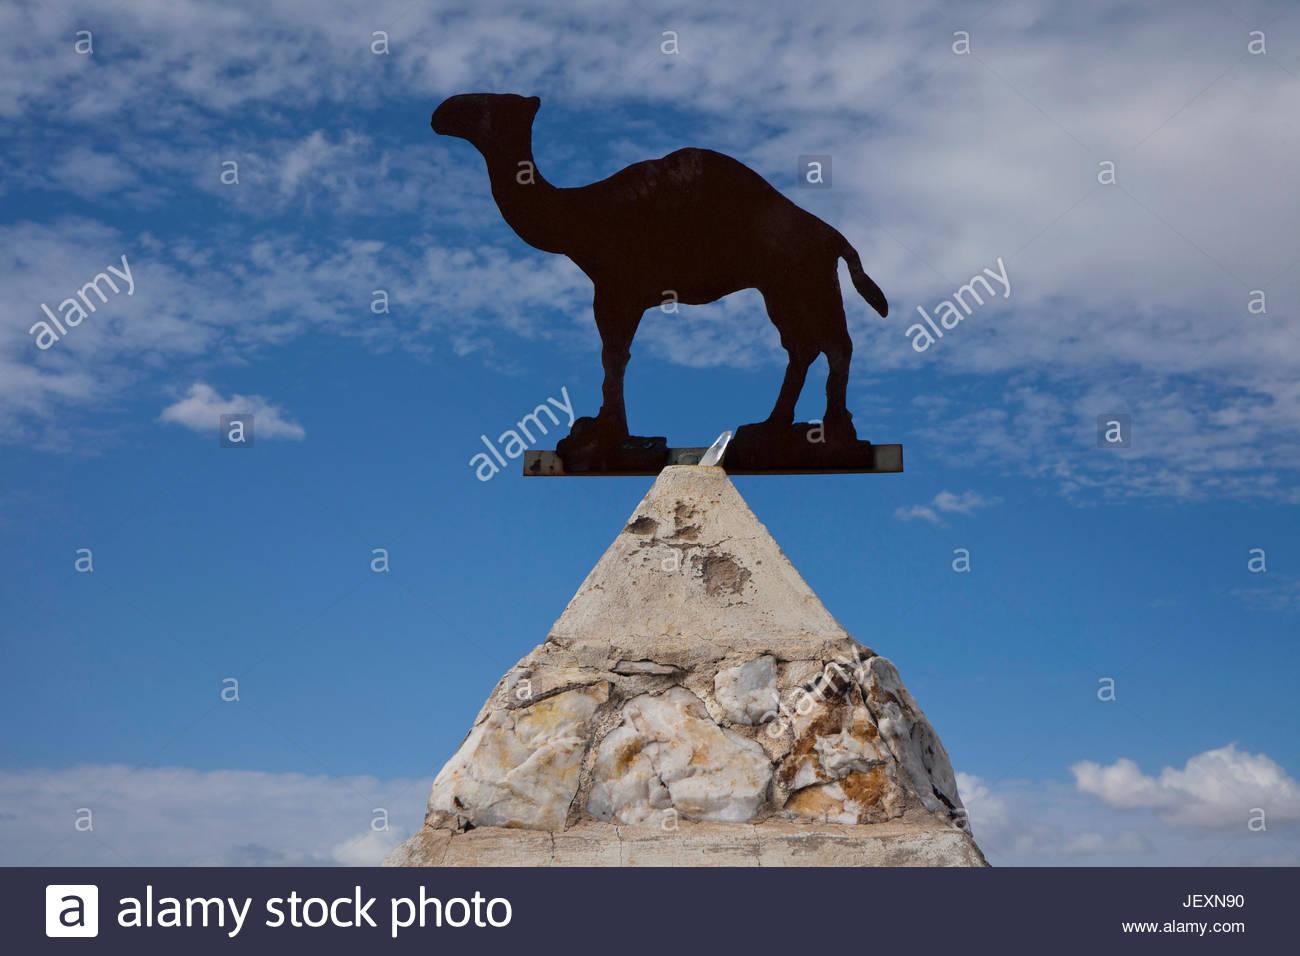 Un monumento in un cimitero a Hi Jolly, Siriano nato camel herder che è stato assunto per gestire l'esercito Immagini Stock